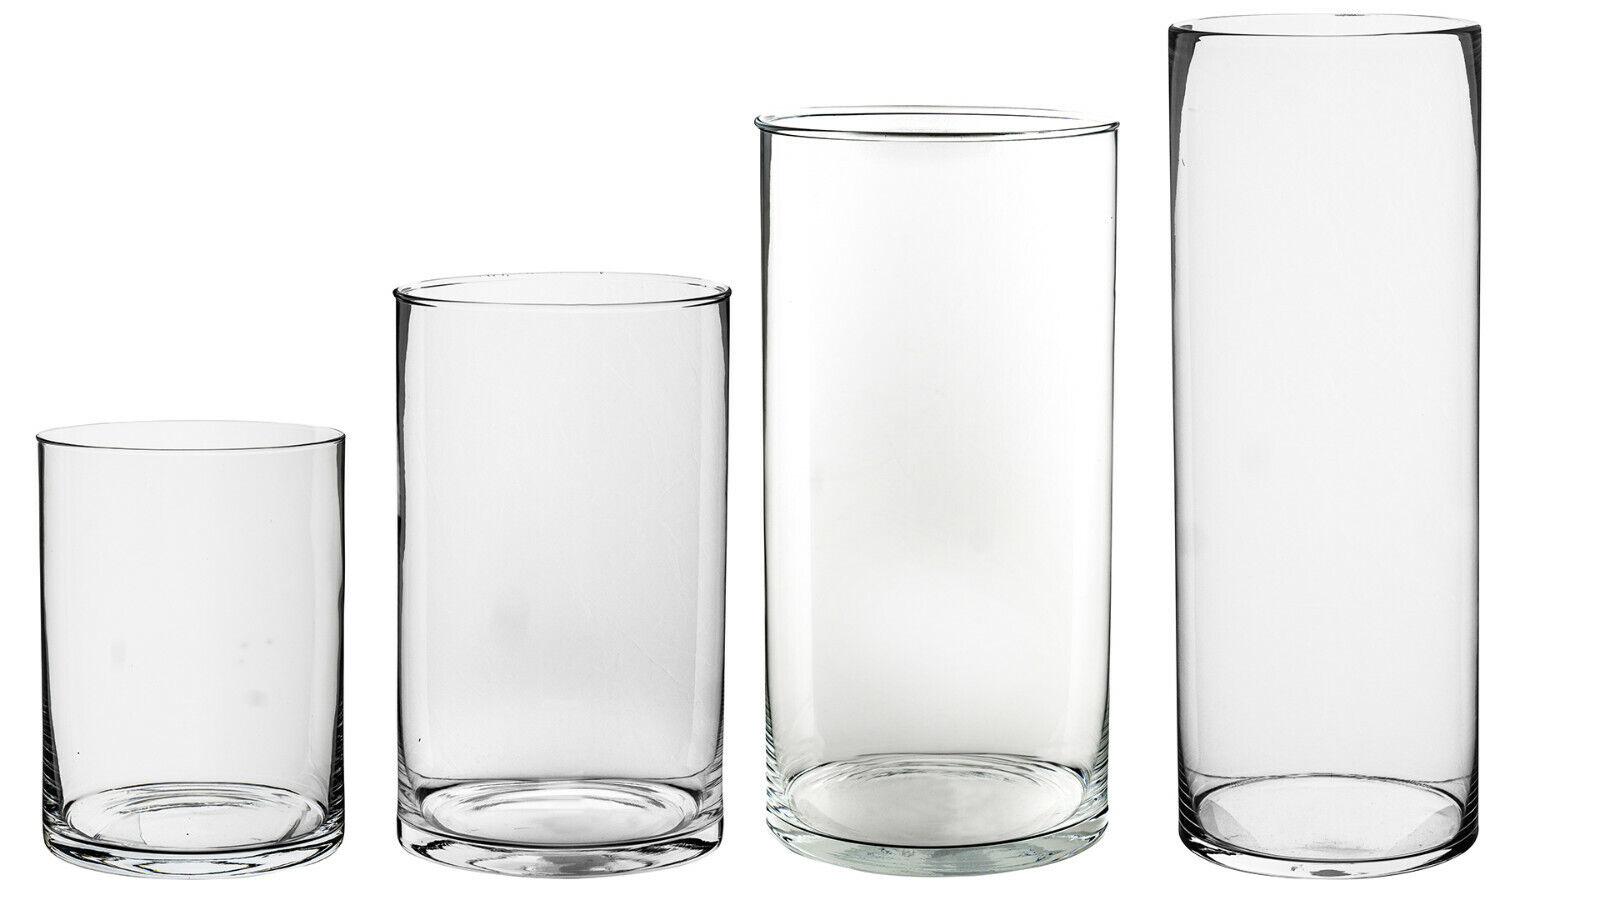 Zylindervase Glaszylinder transparent - 8 Größen